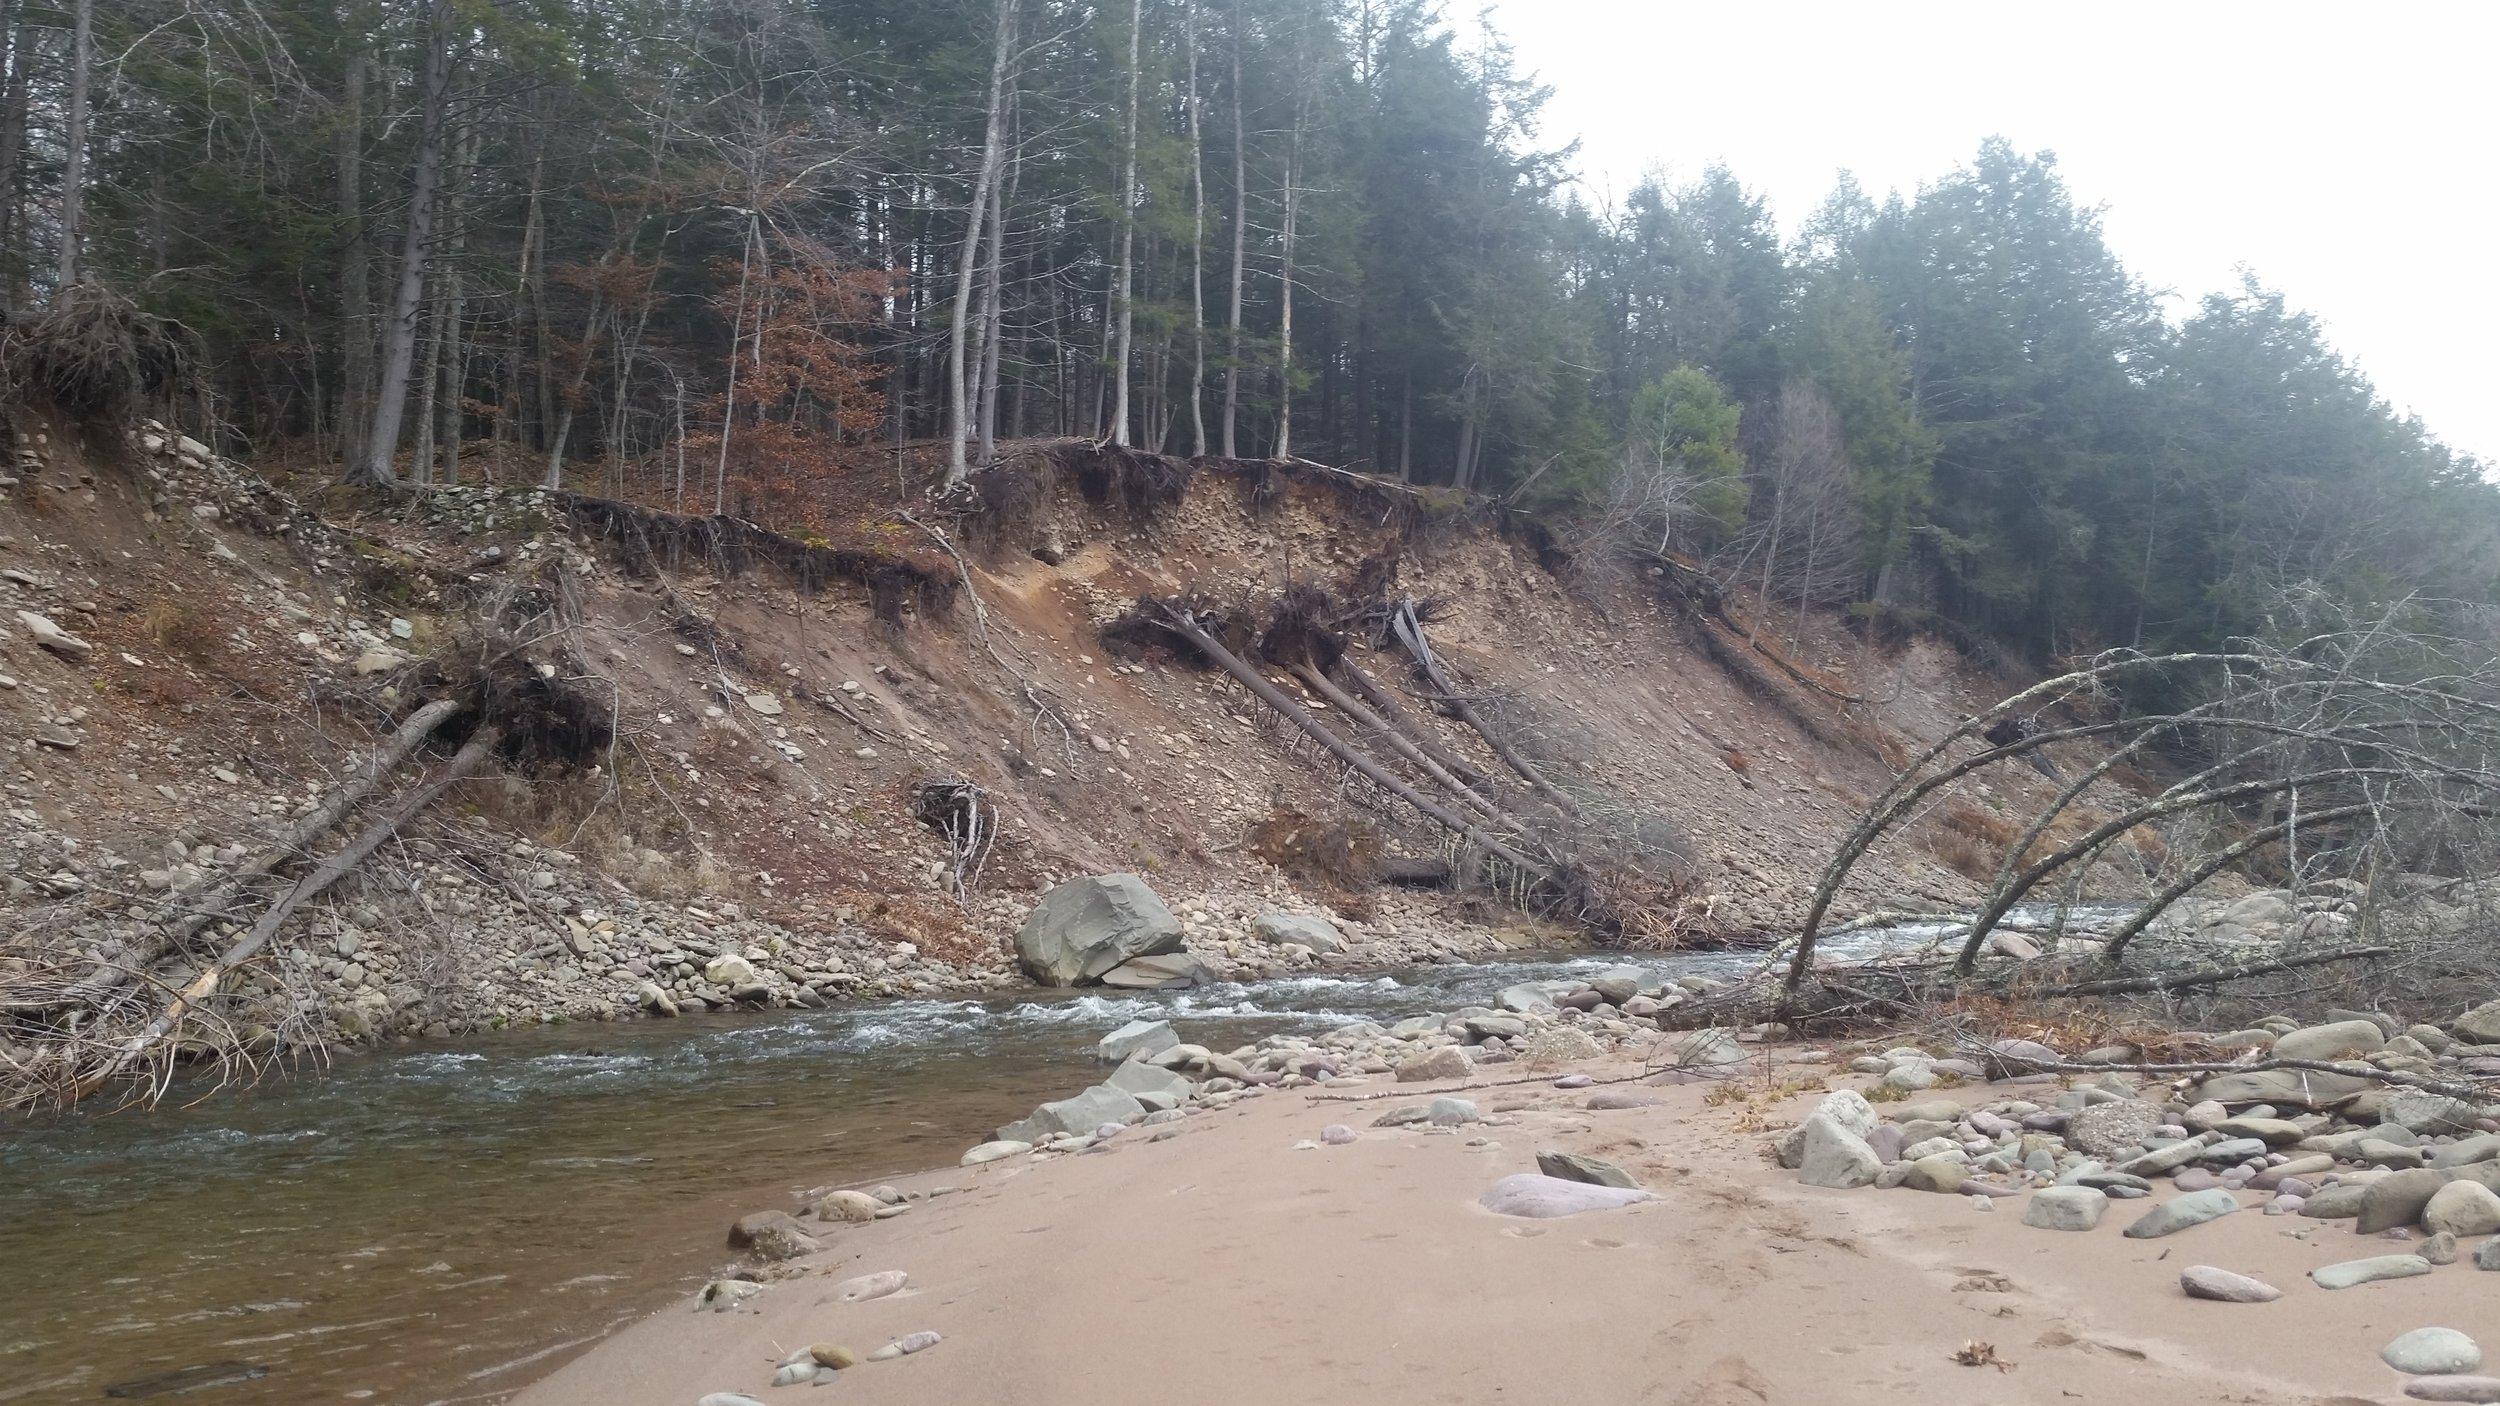 E. Branch Neversink River at Blue Hill Lodge Slope Stabilization Design